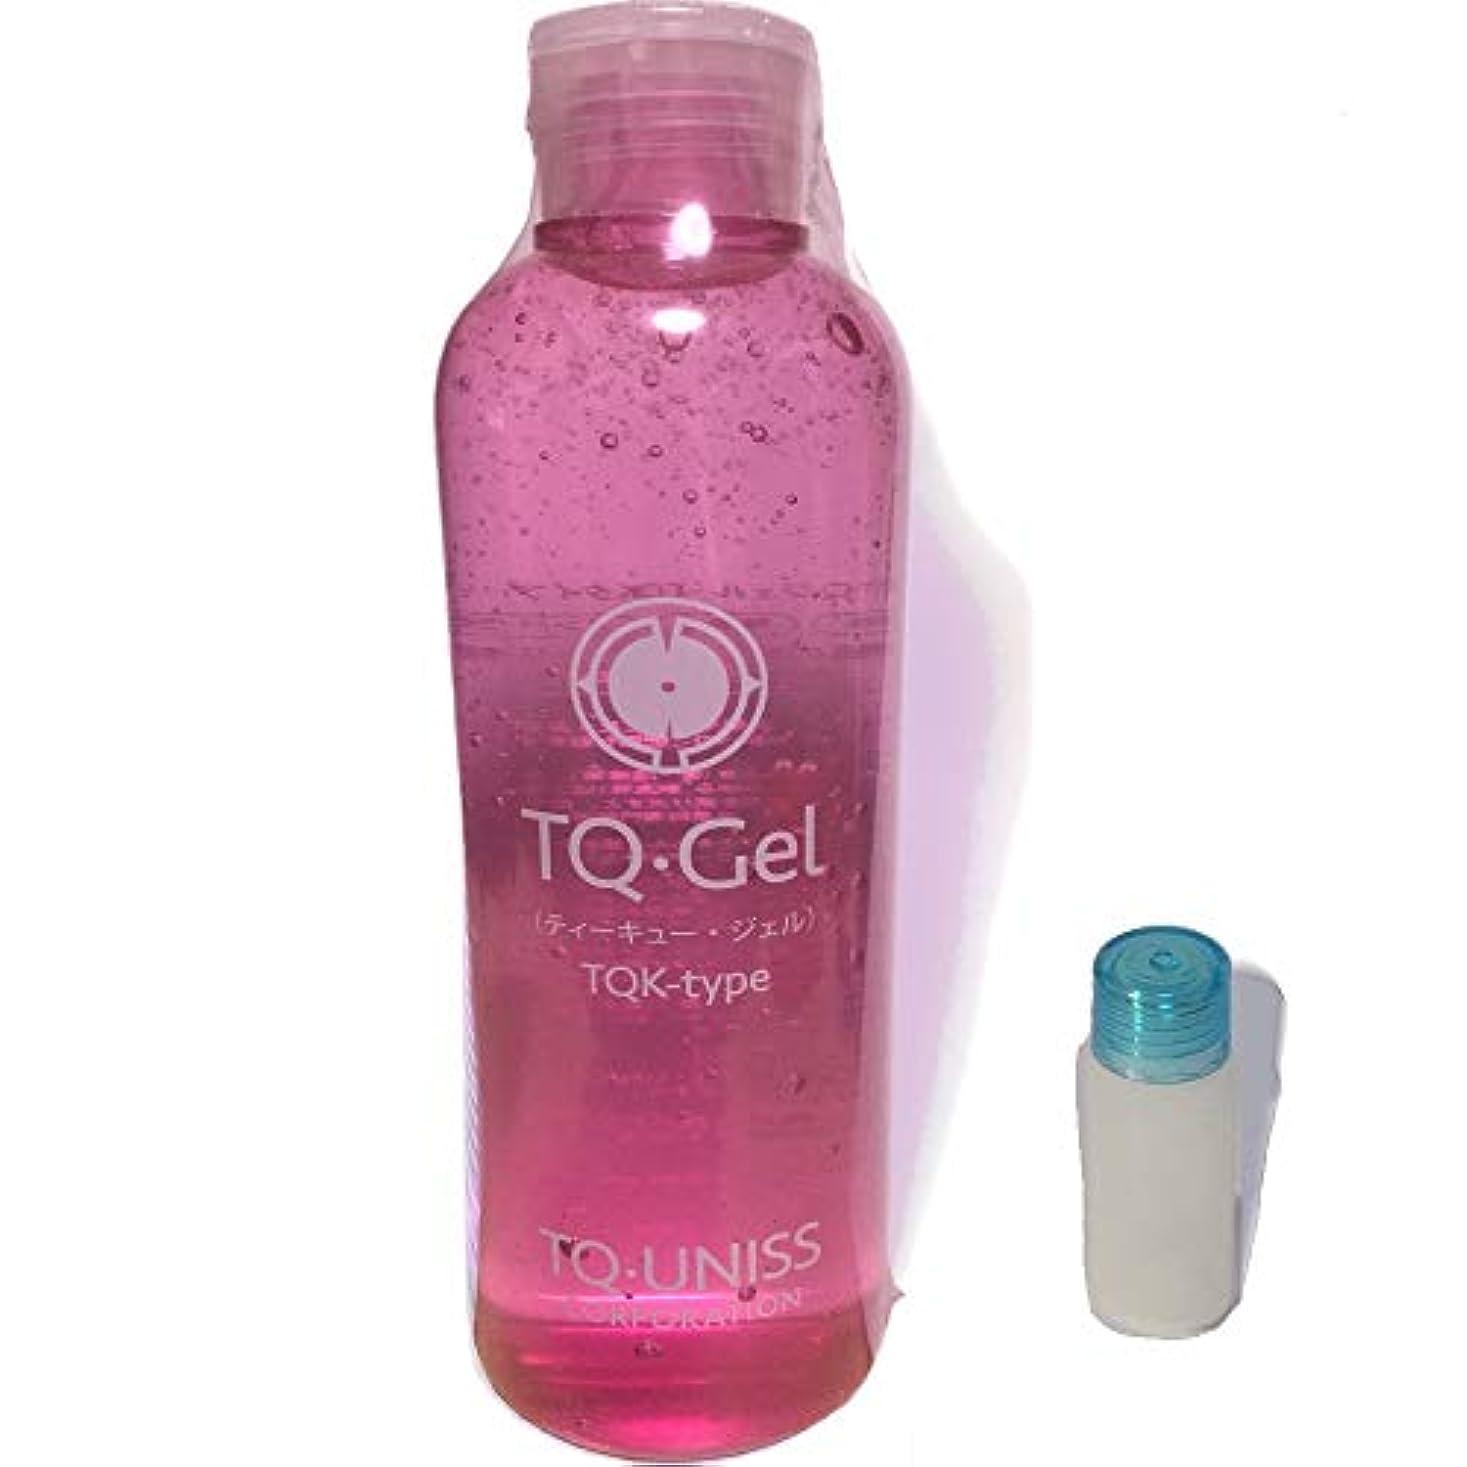 リーニューアル TQジェル ミニボトル5mlセット厳選された自然由来の保湿成分プラス20のエネルギー [300ml] ピンクボトル